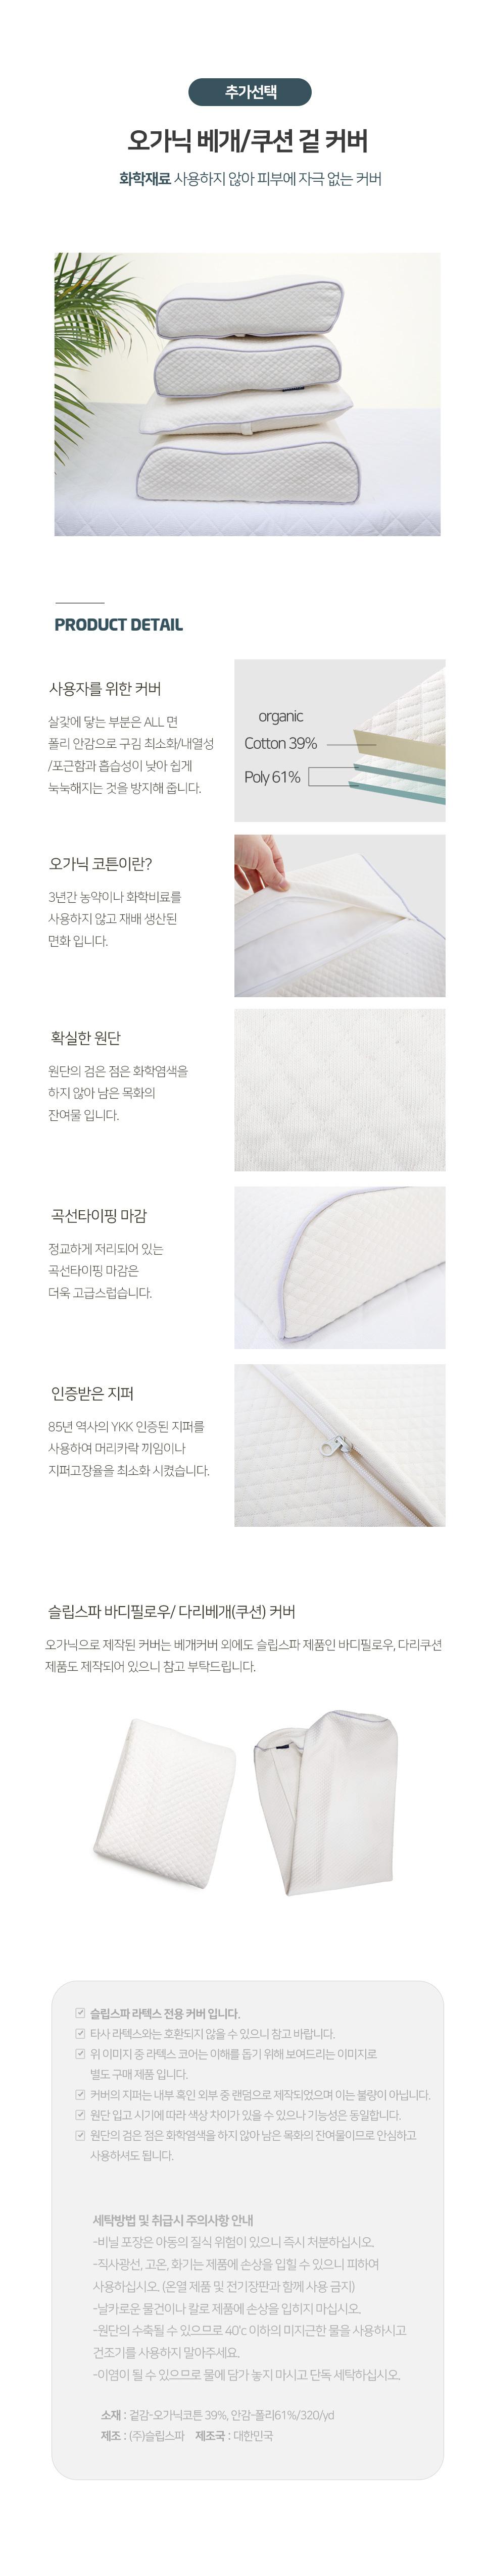 [뒤집기방지쿠션] 잠자리를 안전하게 라텍스 굴림방지 - 슬립스파, 36,900원, 패브릭/침구, 베개/필로우